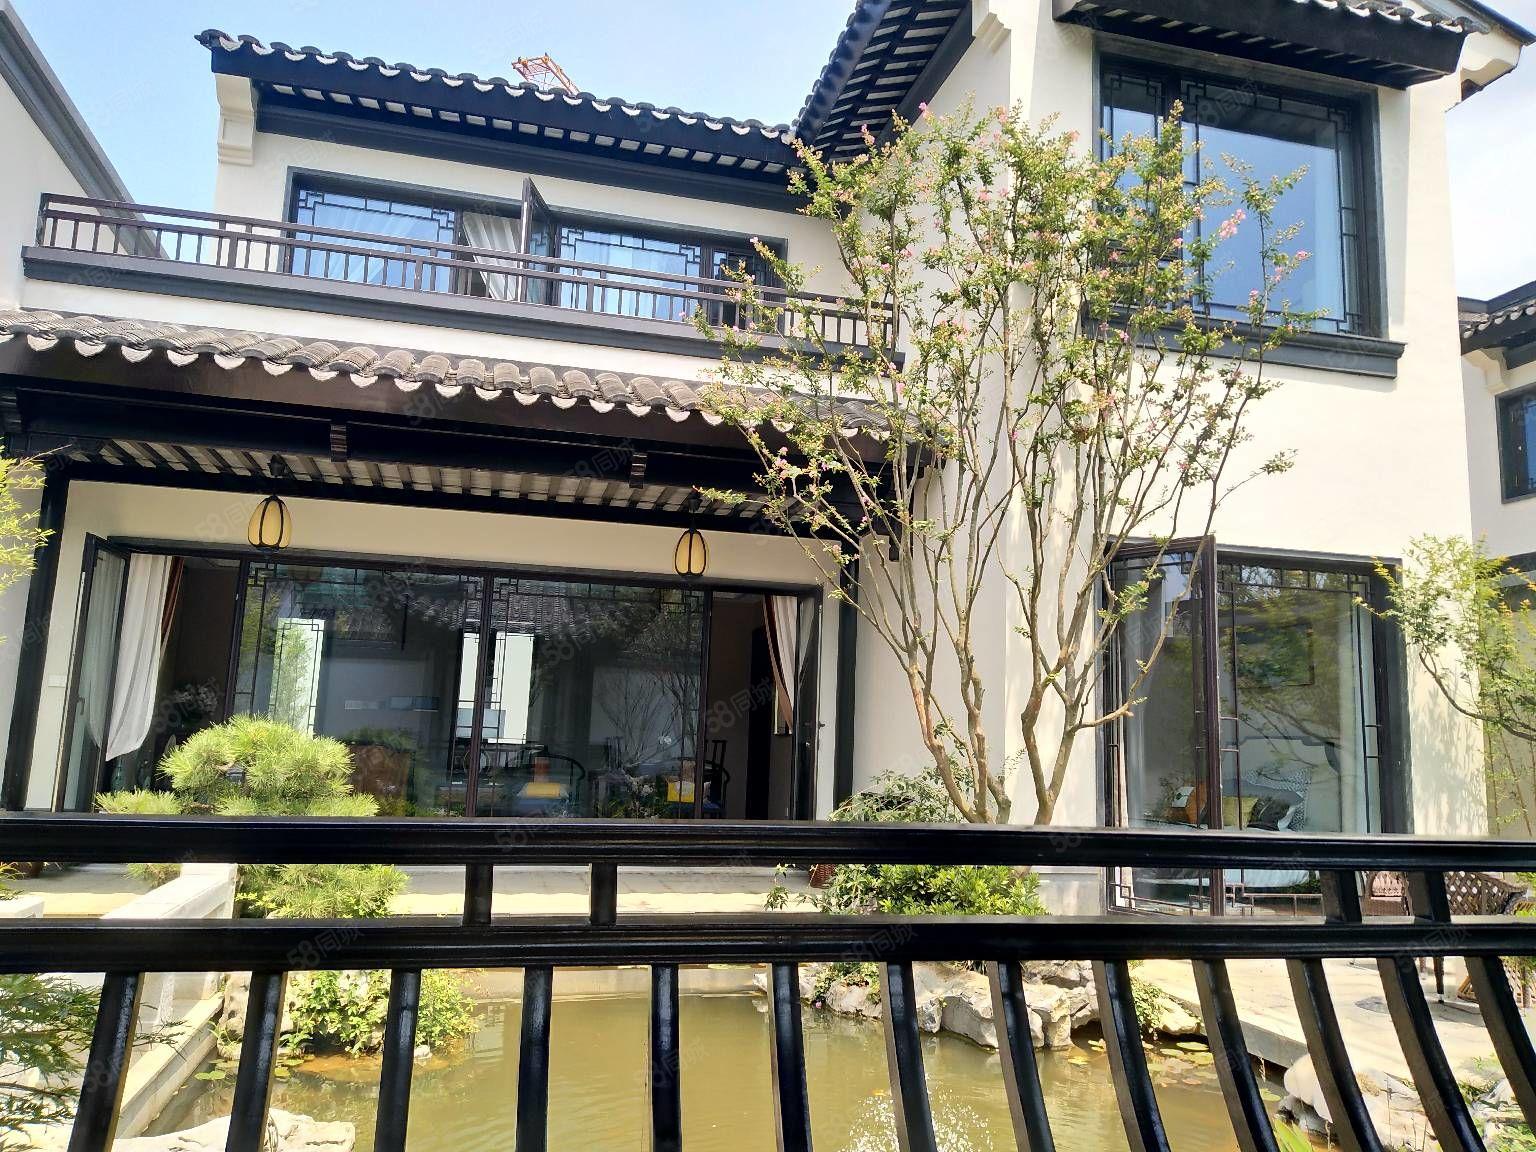 中国风高端别墅九江唯一苏式园林别墅家家温泉入户绿城物业打造的